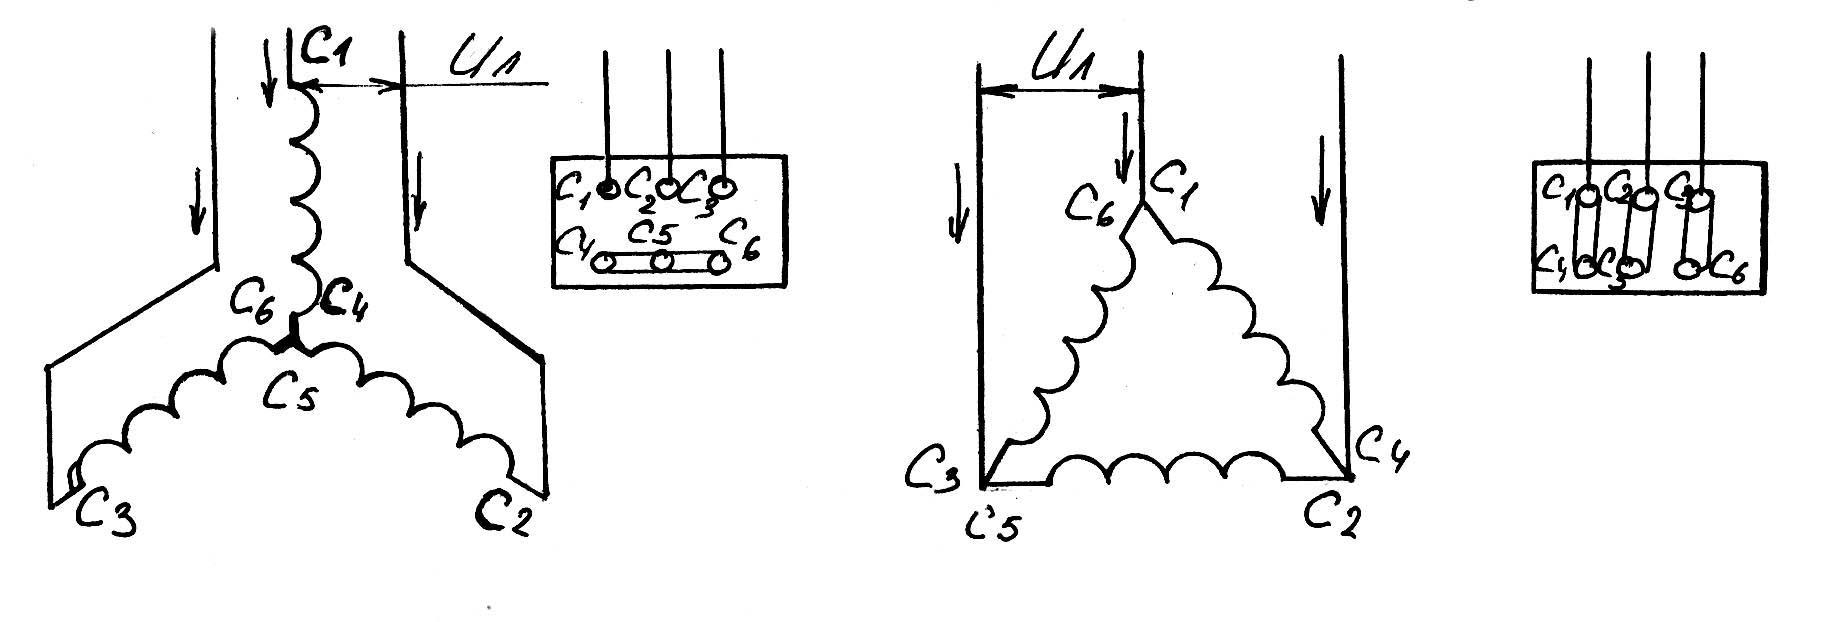 схема подсоединения эл.двигателя на 380в к сети на 220в